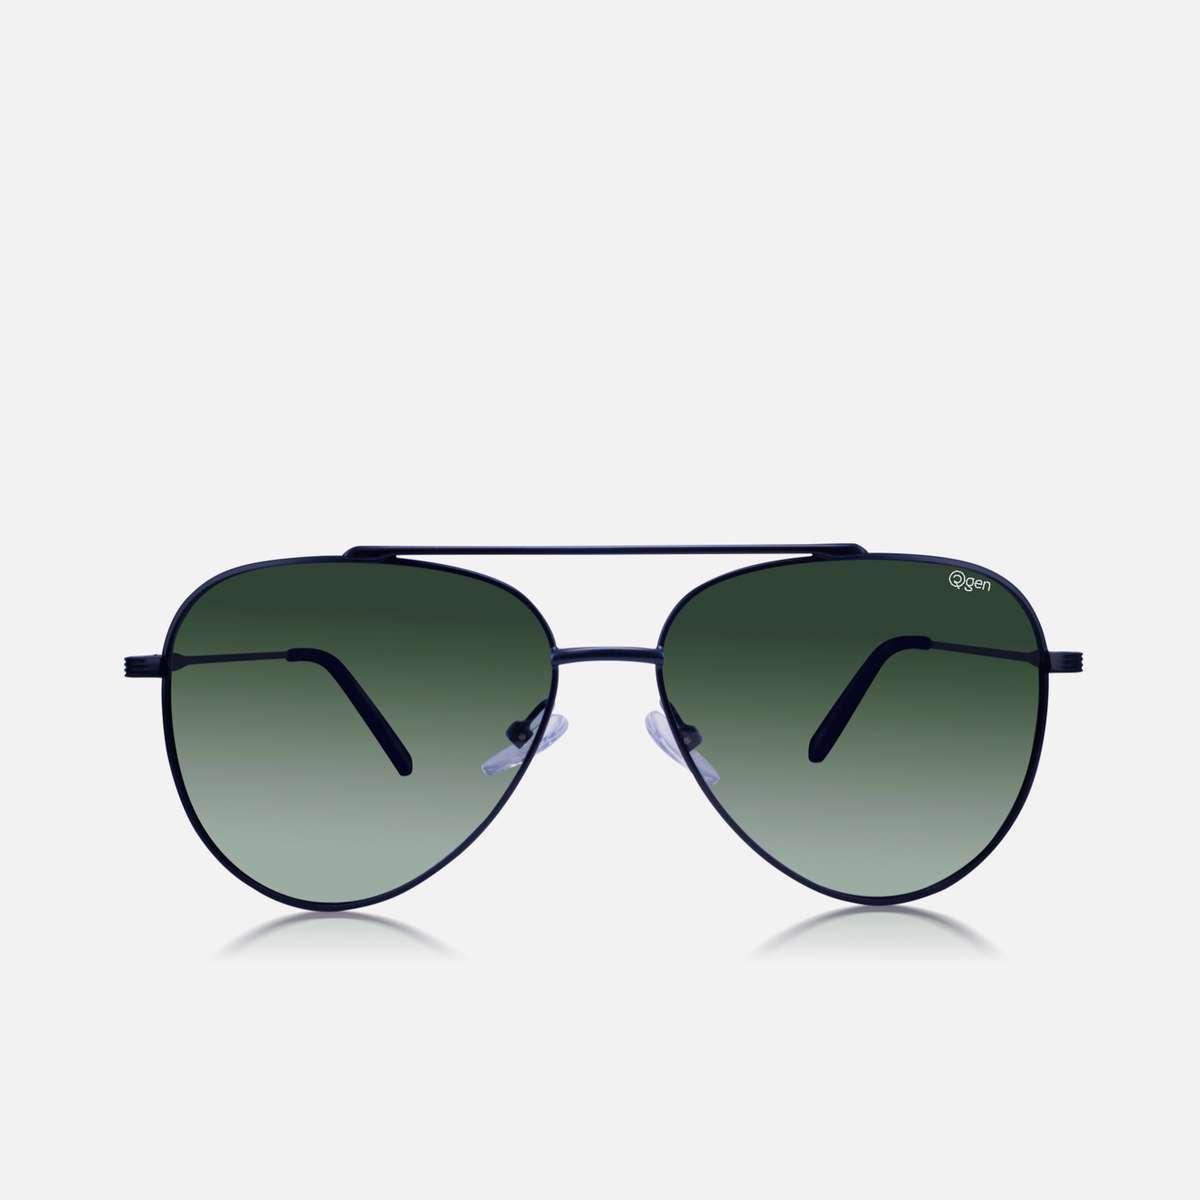 3.O2GEN Men UV-Protected Aviator Sunglasses O2-21-004-C3-P